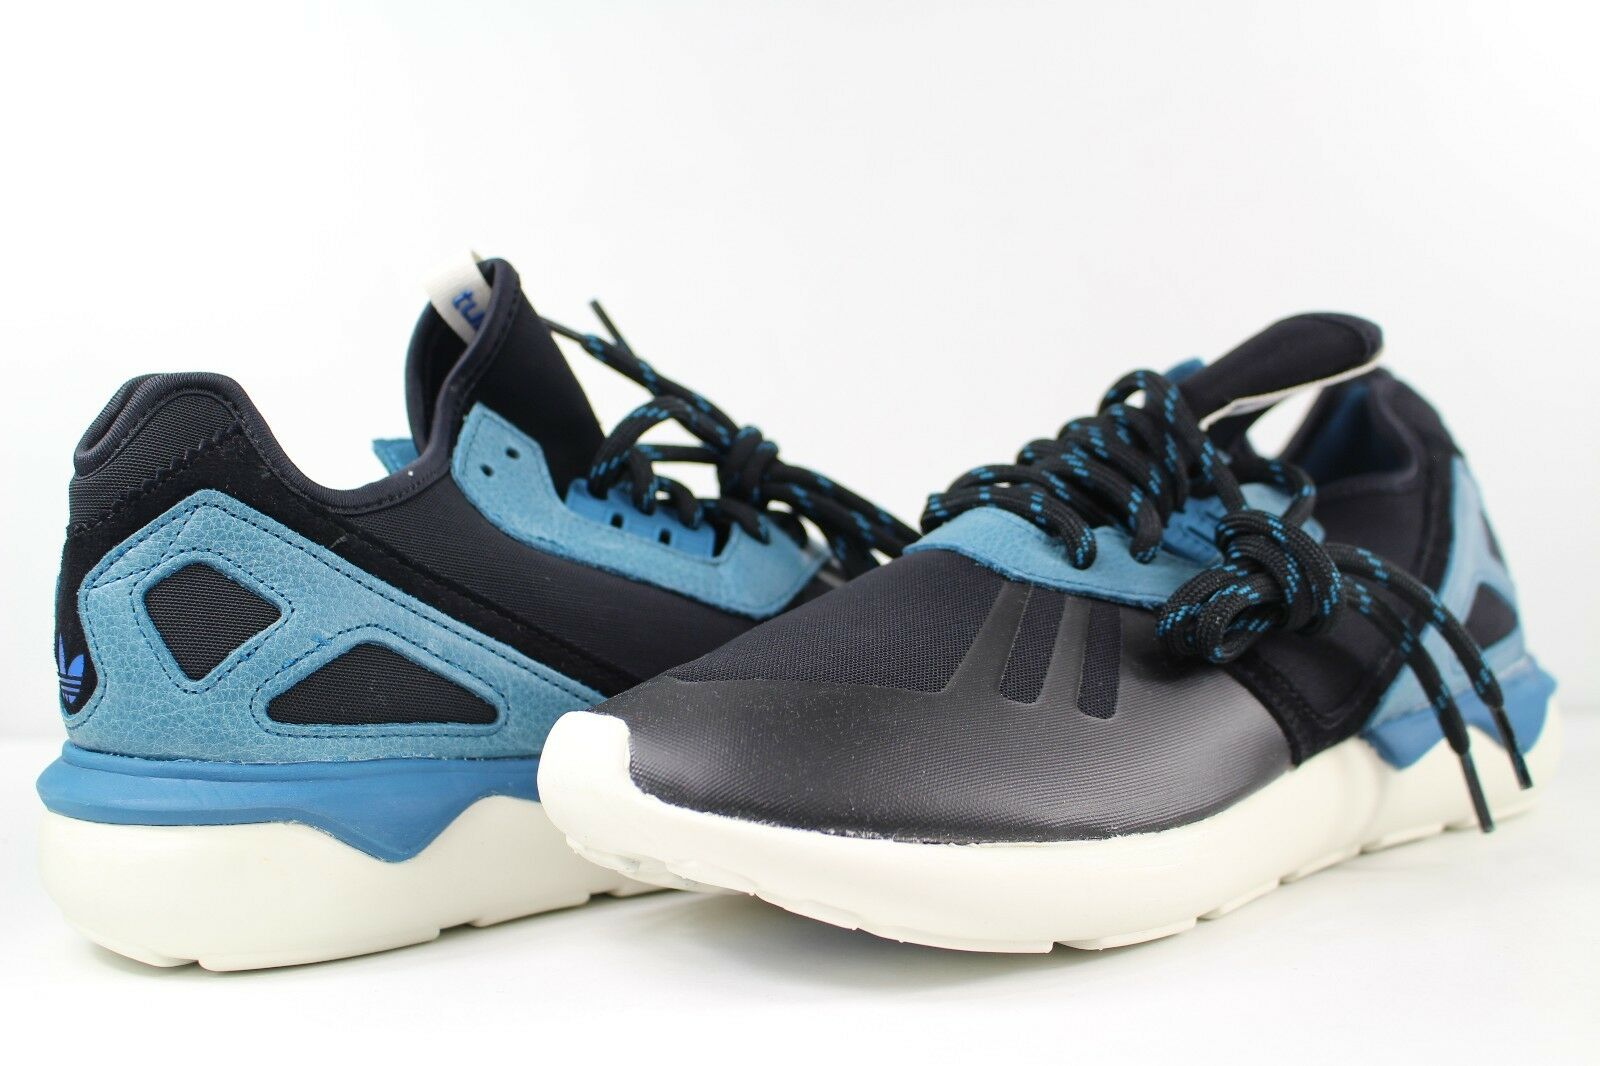 Adidas Surf Tubular Runner Core Black Surf Adidas Petrol Blue White Size 10.5 8104c0